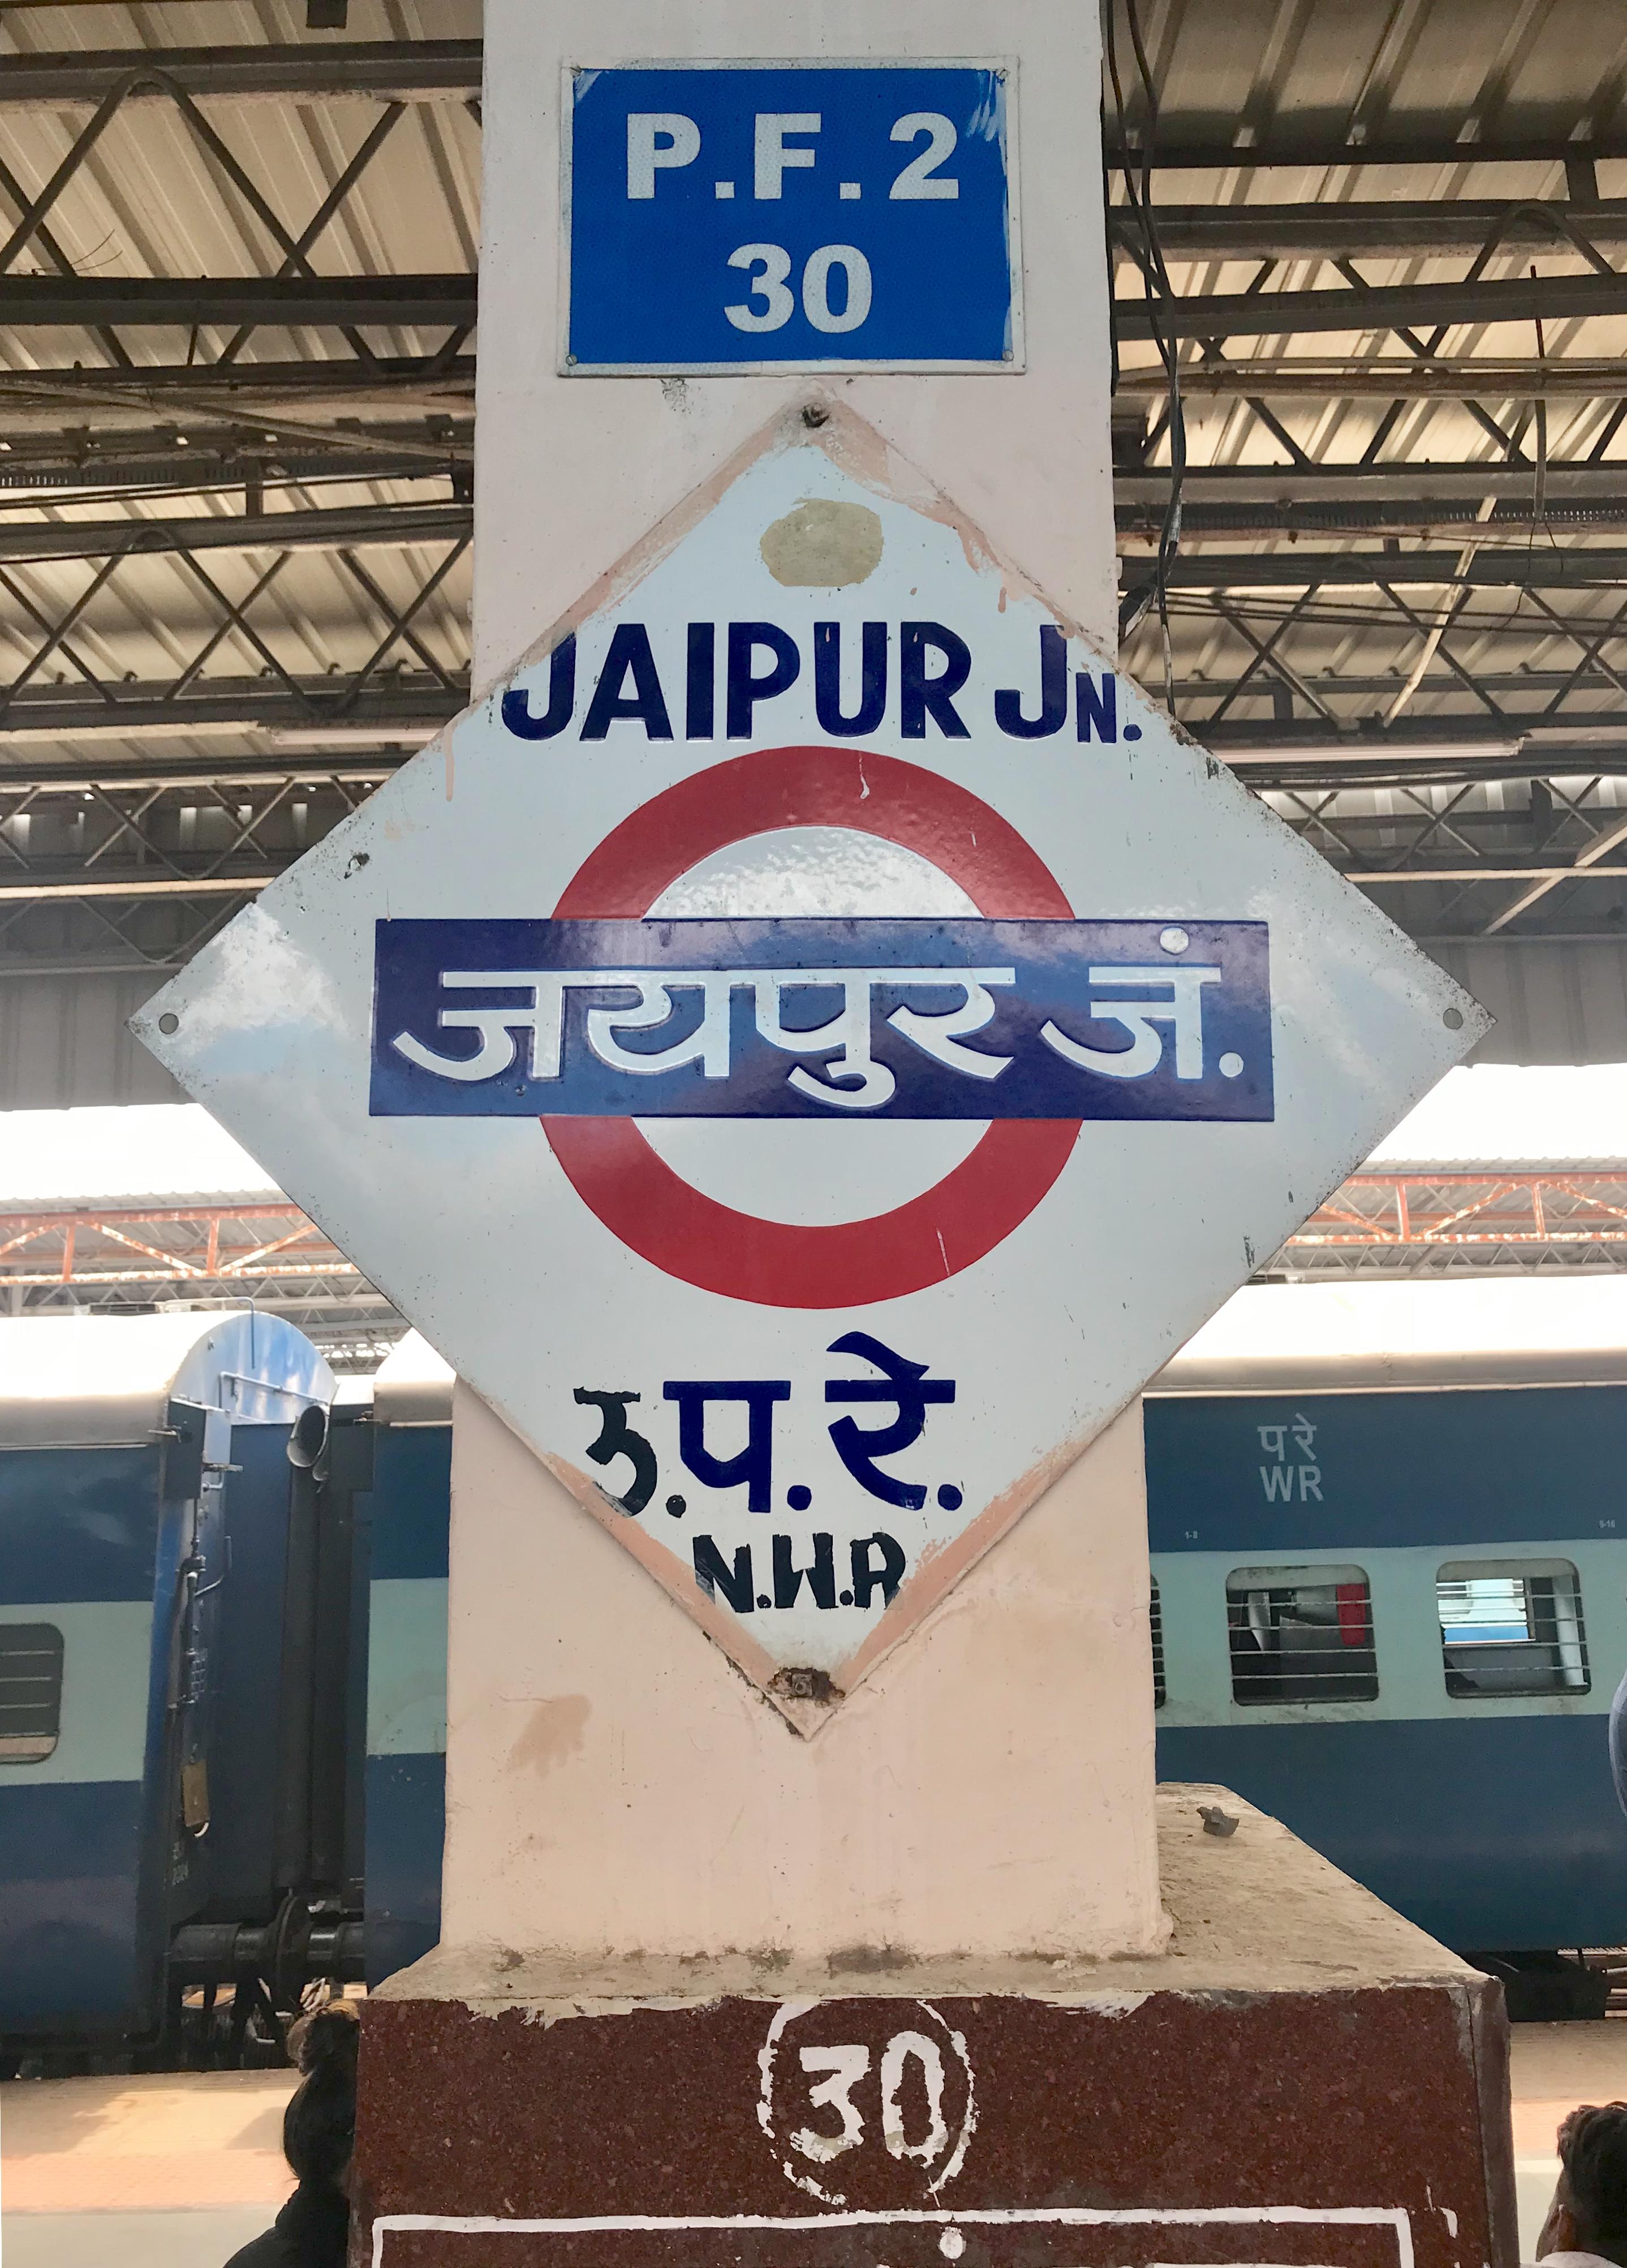 Jaipur Junction Station